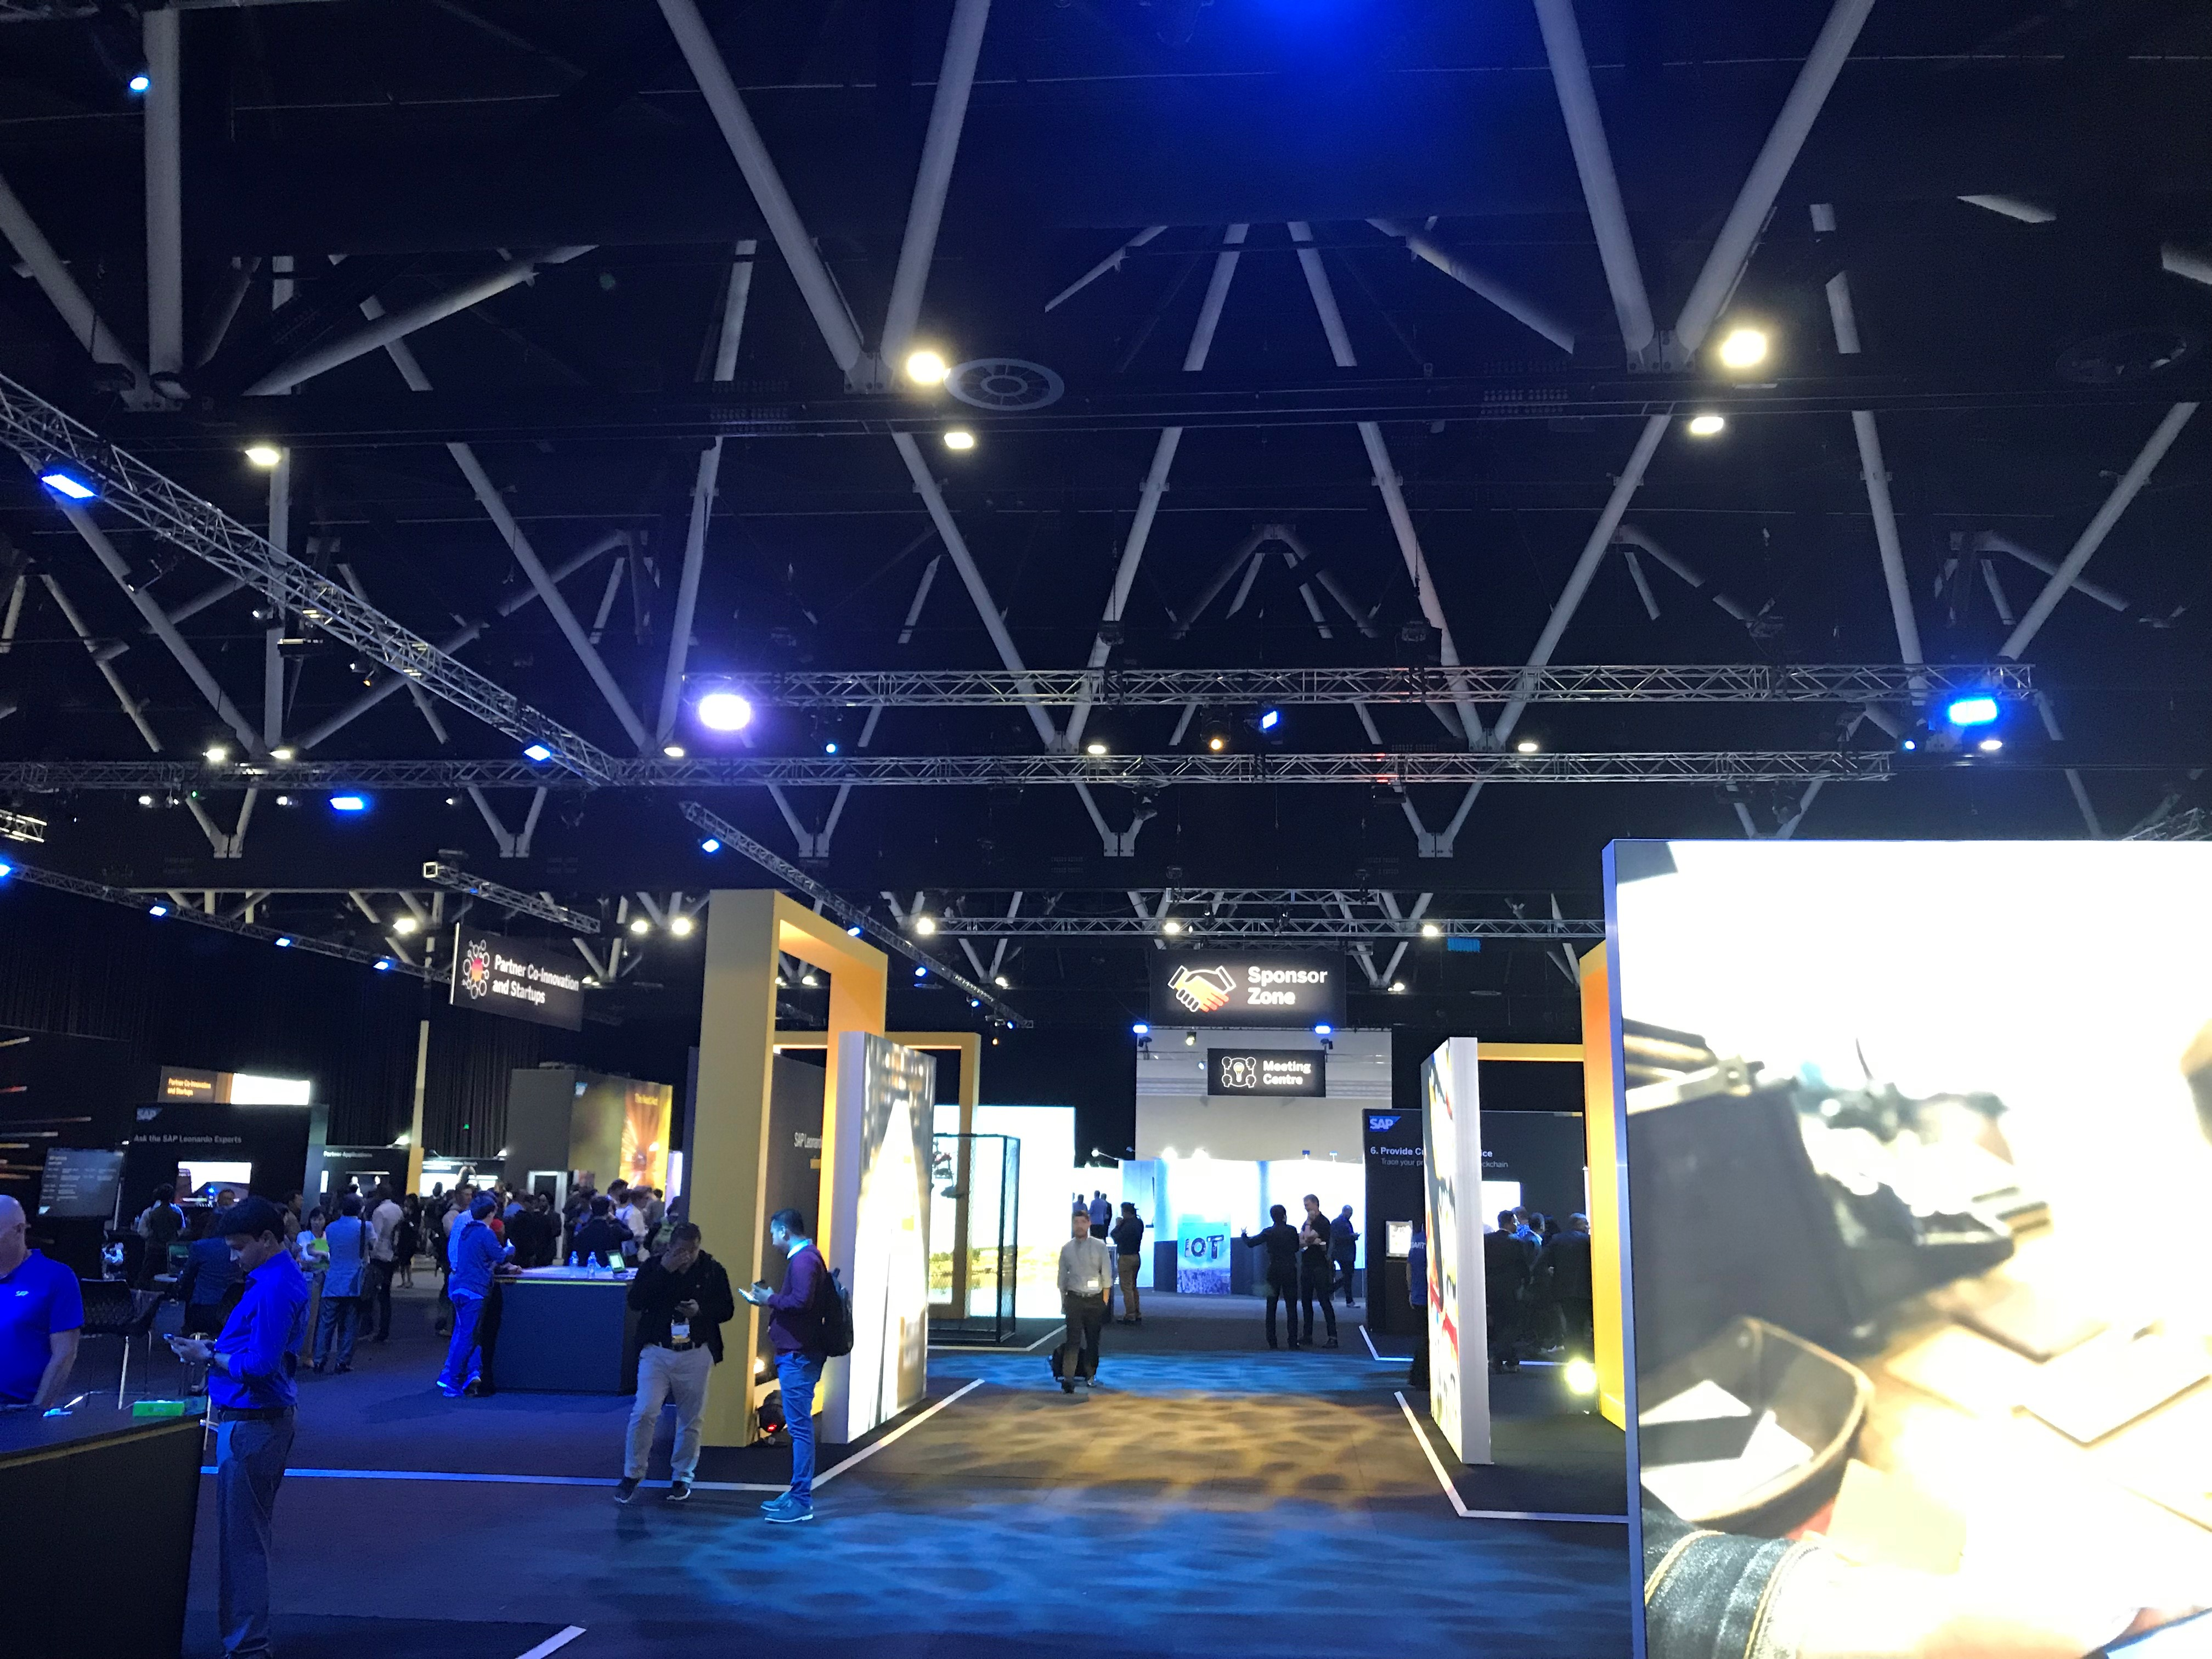 SAP FKOM Sydney 2018